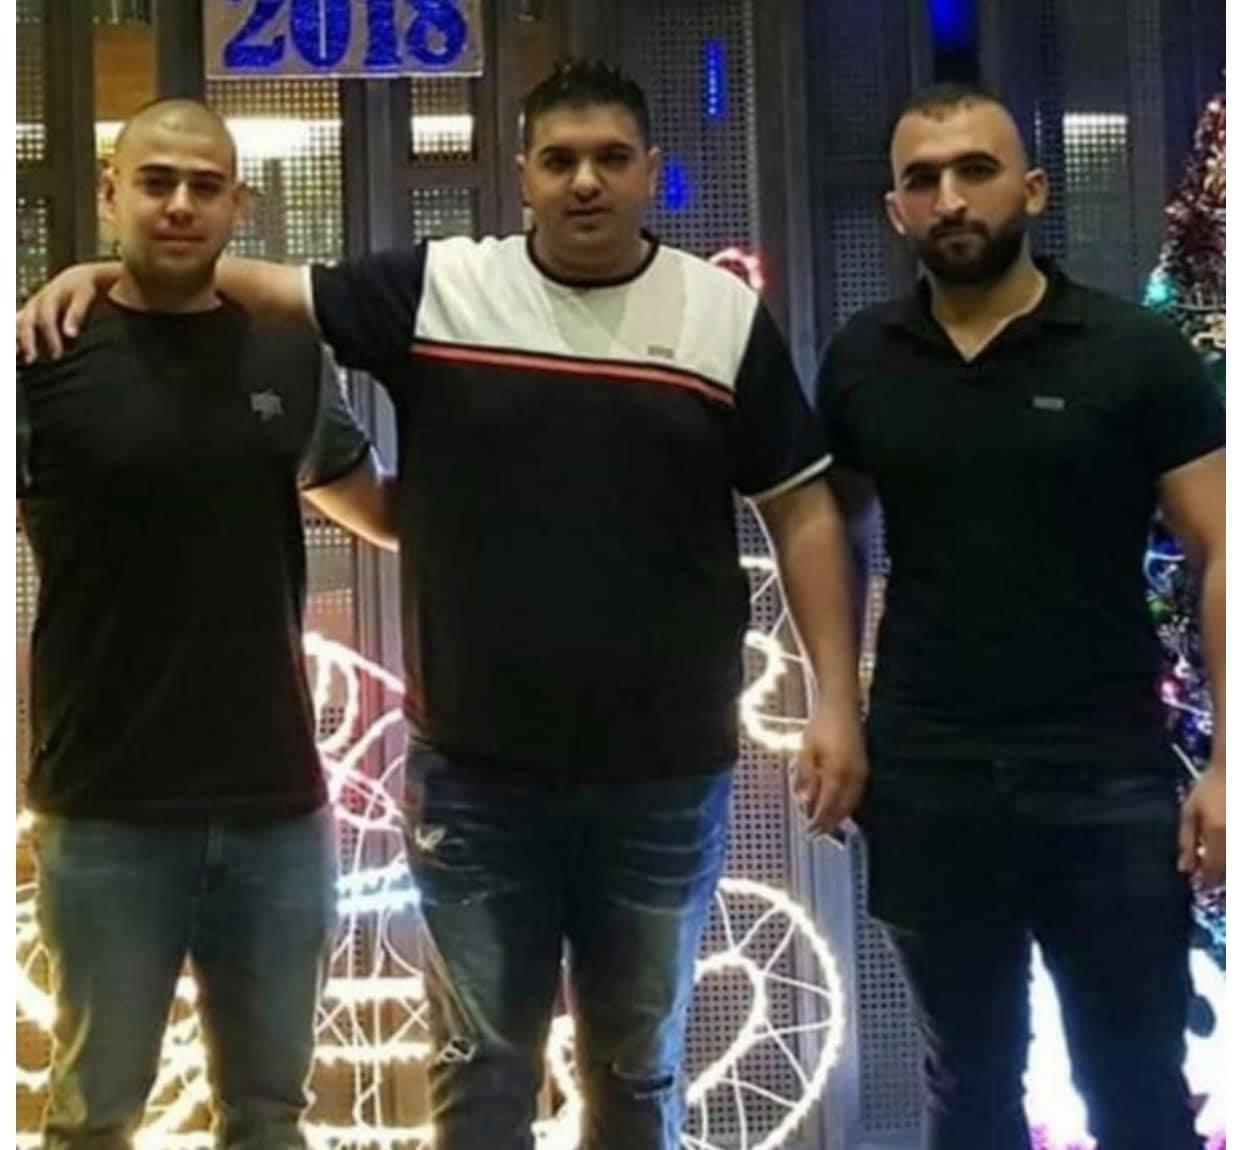 من اليمين، الجريح أحمد عواودة، والمرحوم فراس عواودة والمرحوم يوسف نعسة